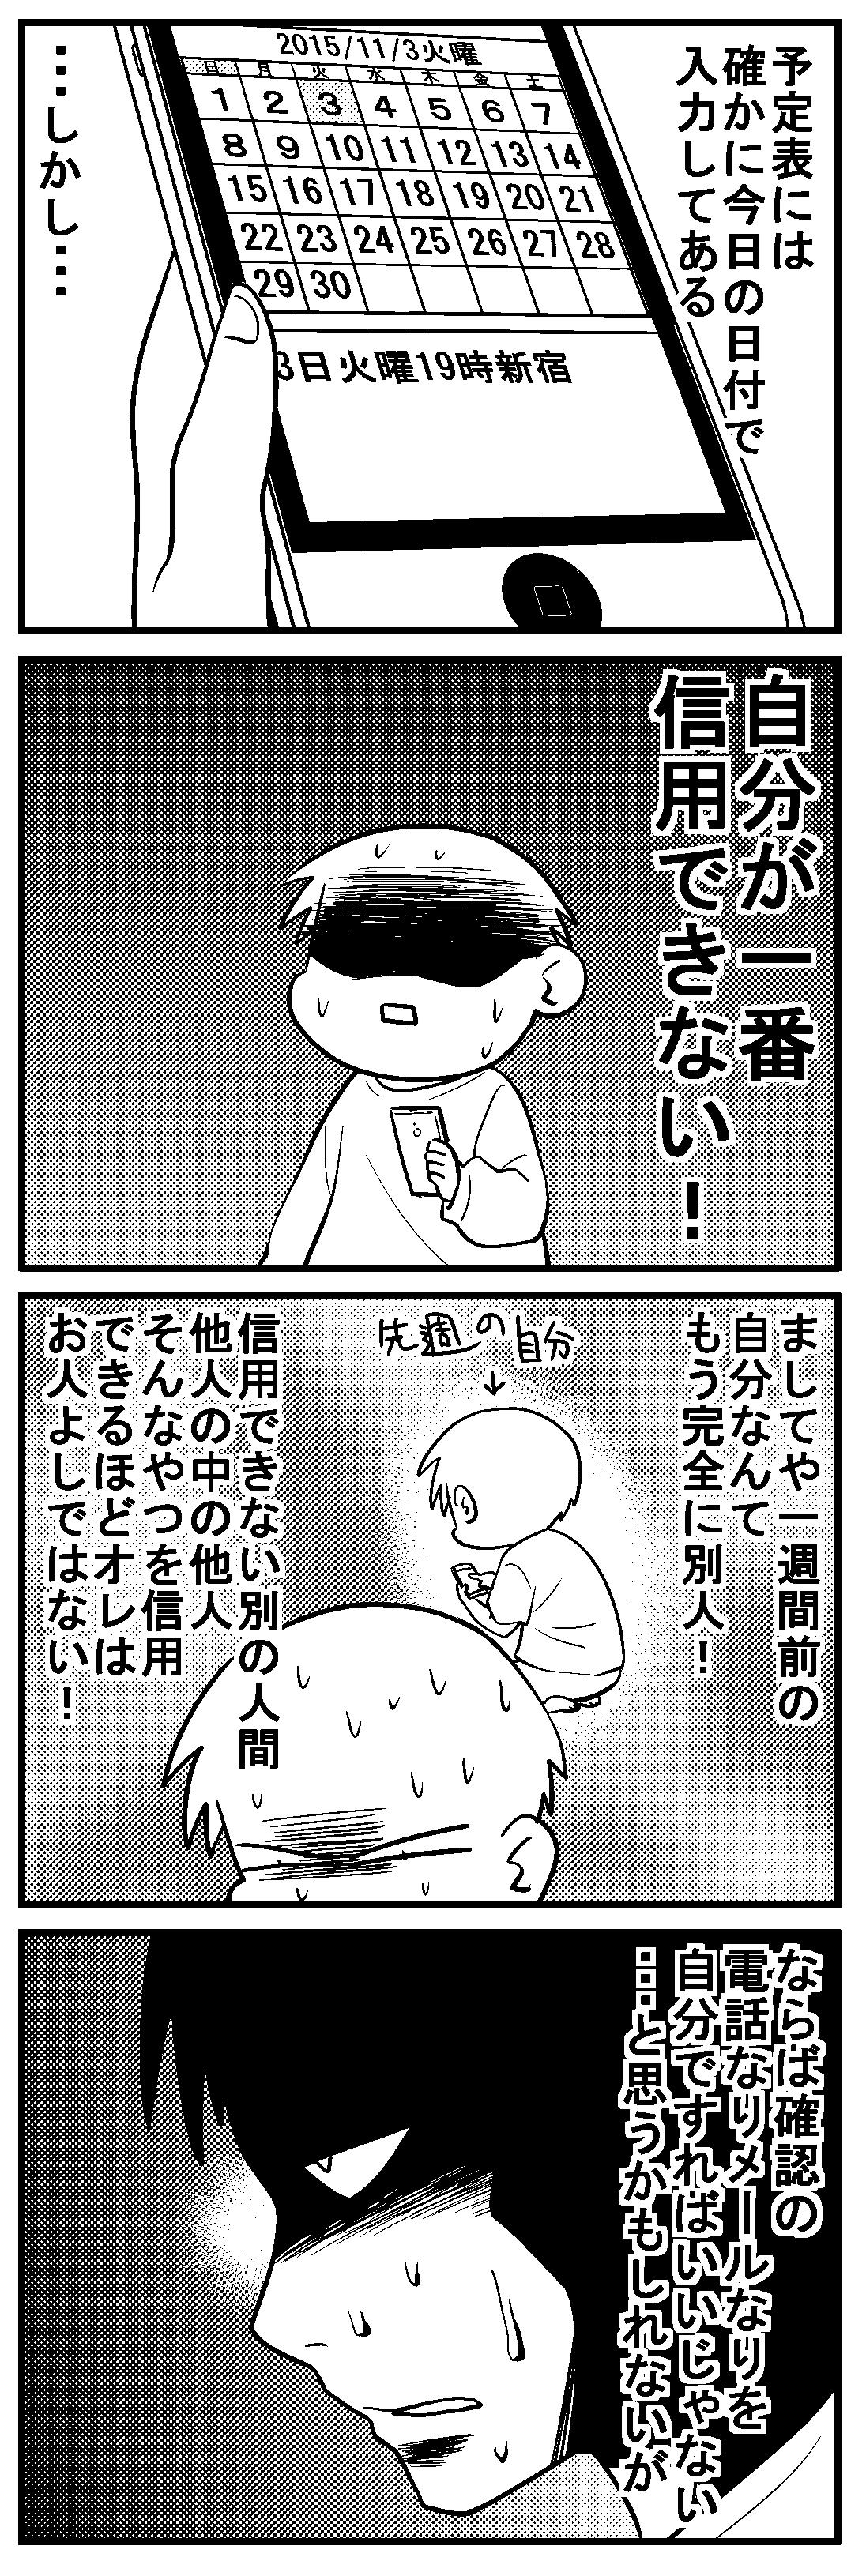 深読みくん26 3